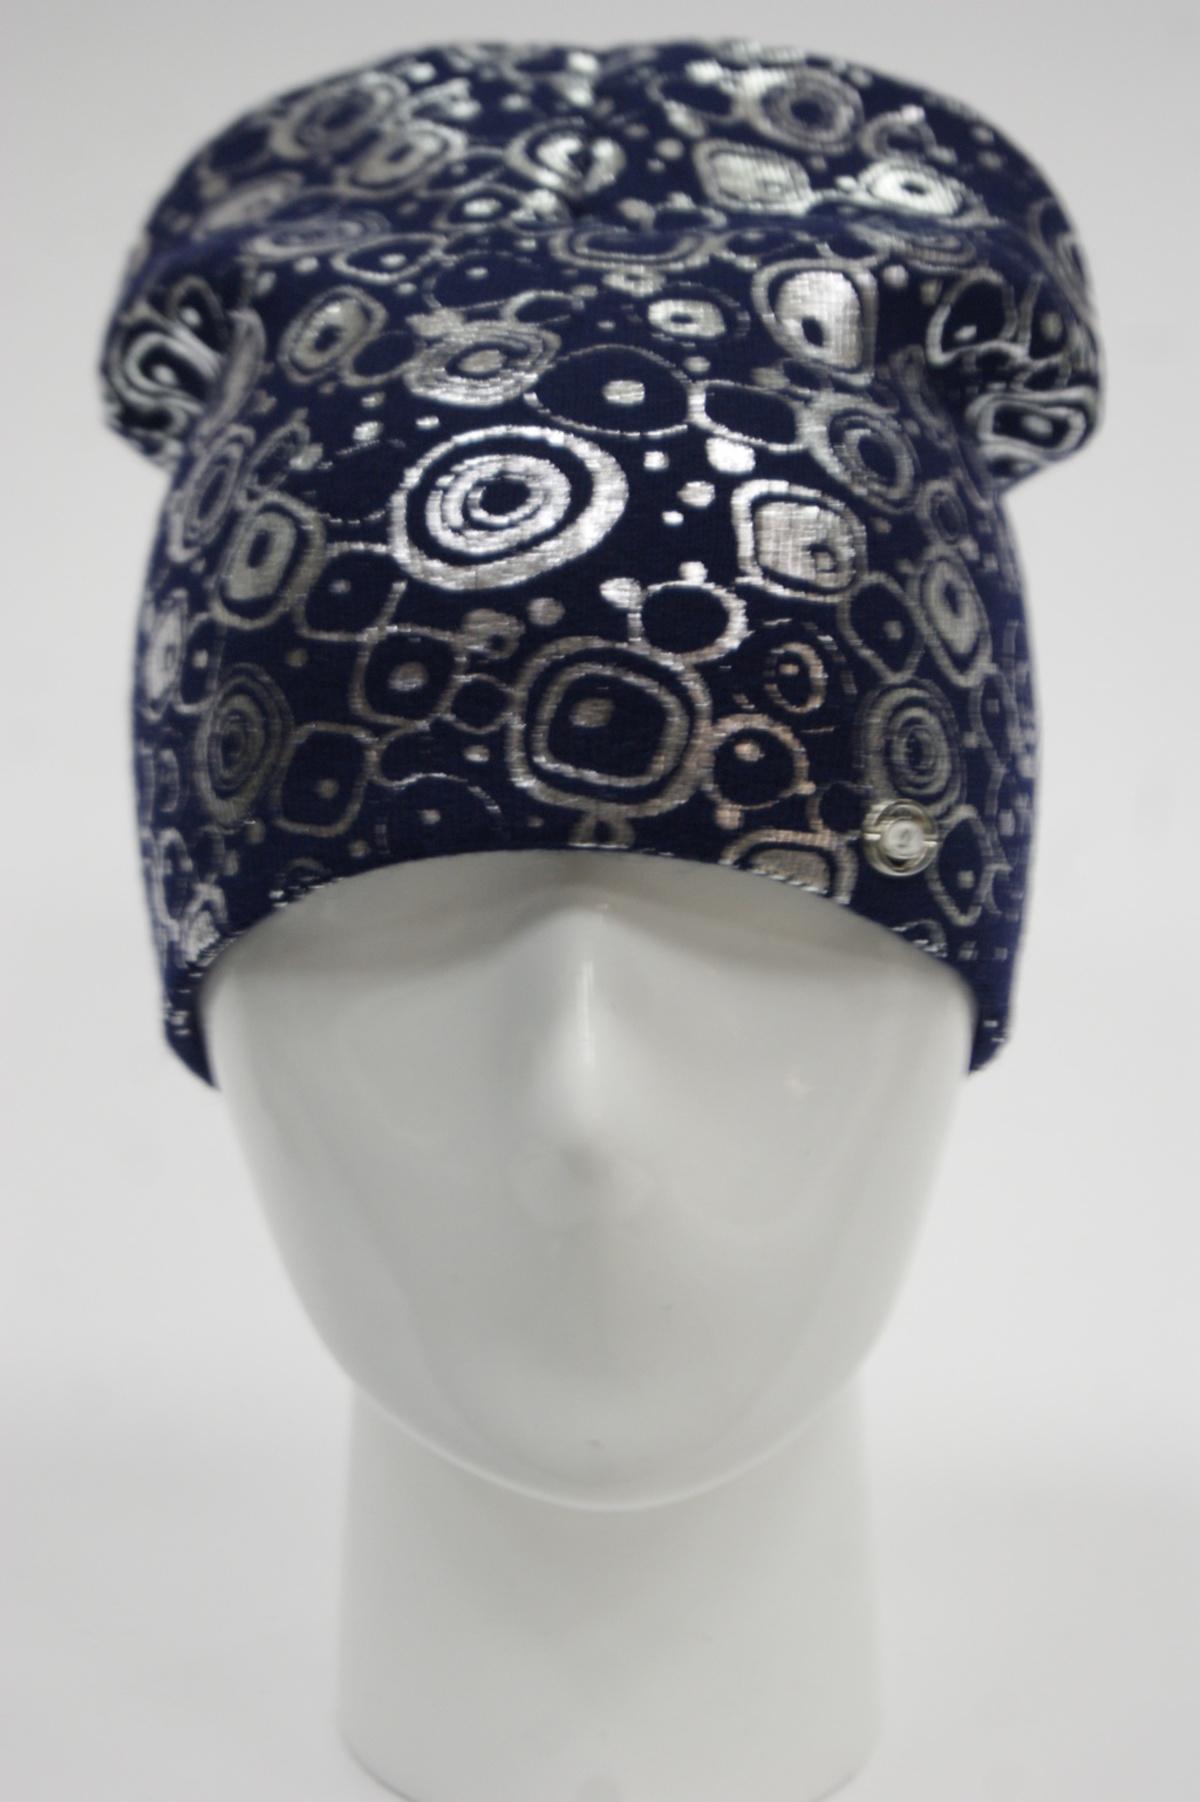 Шапка колпак декорированная блестящим накатом по всей поверхности шапки